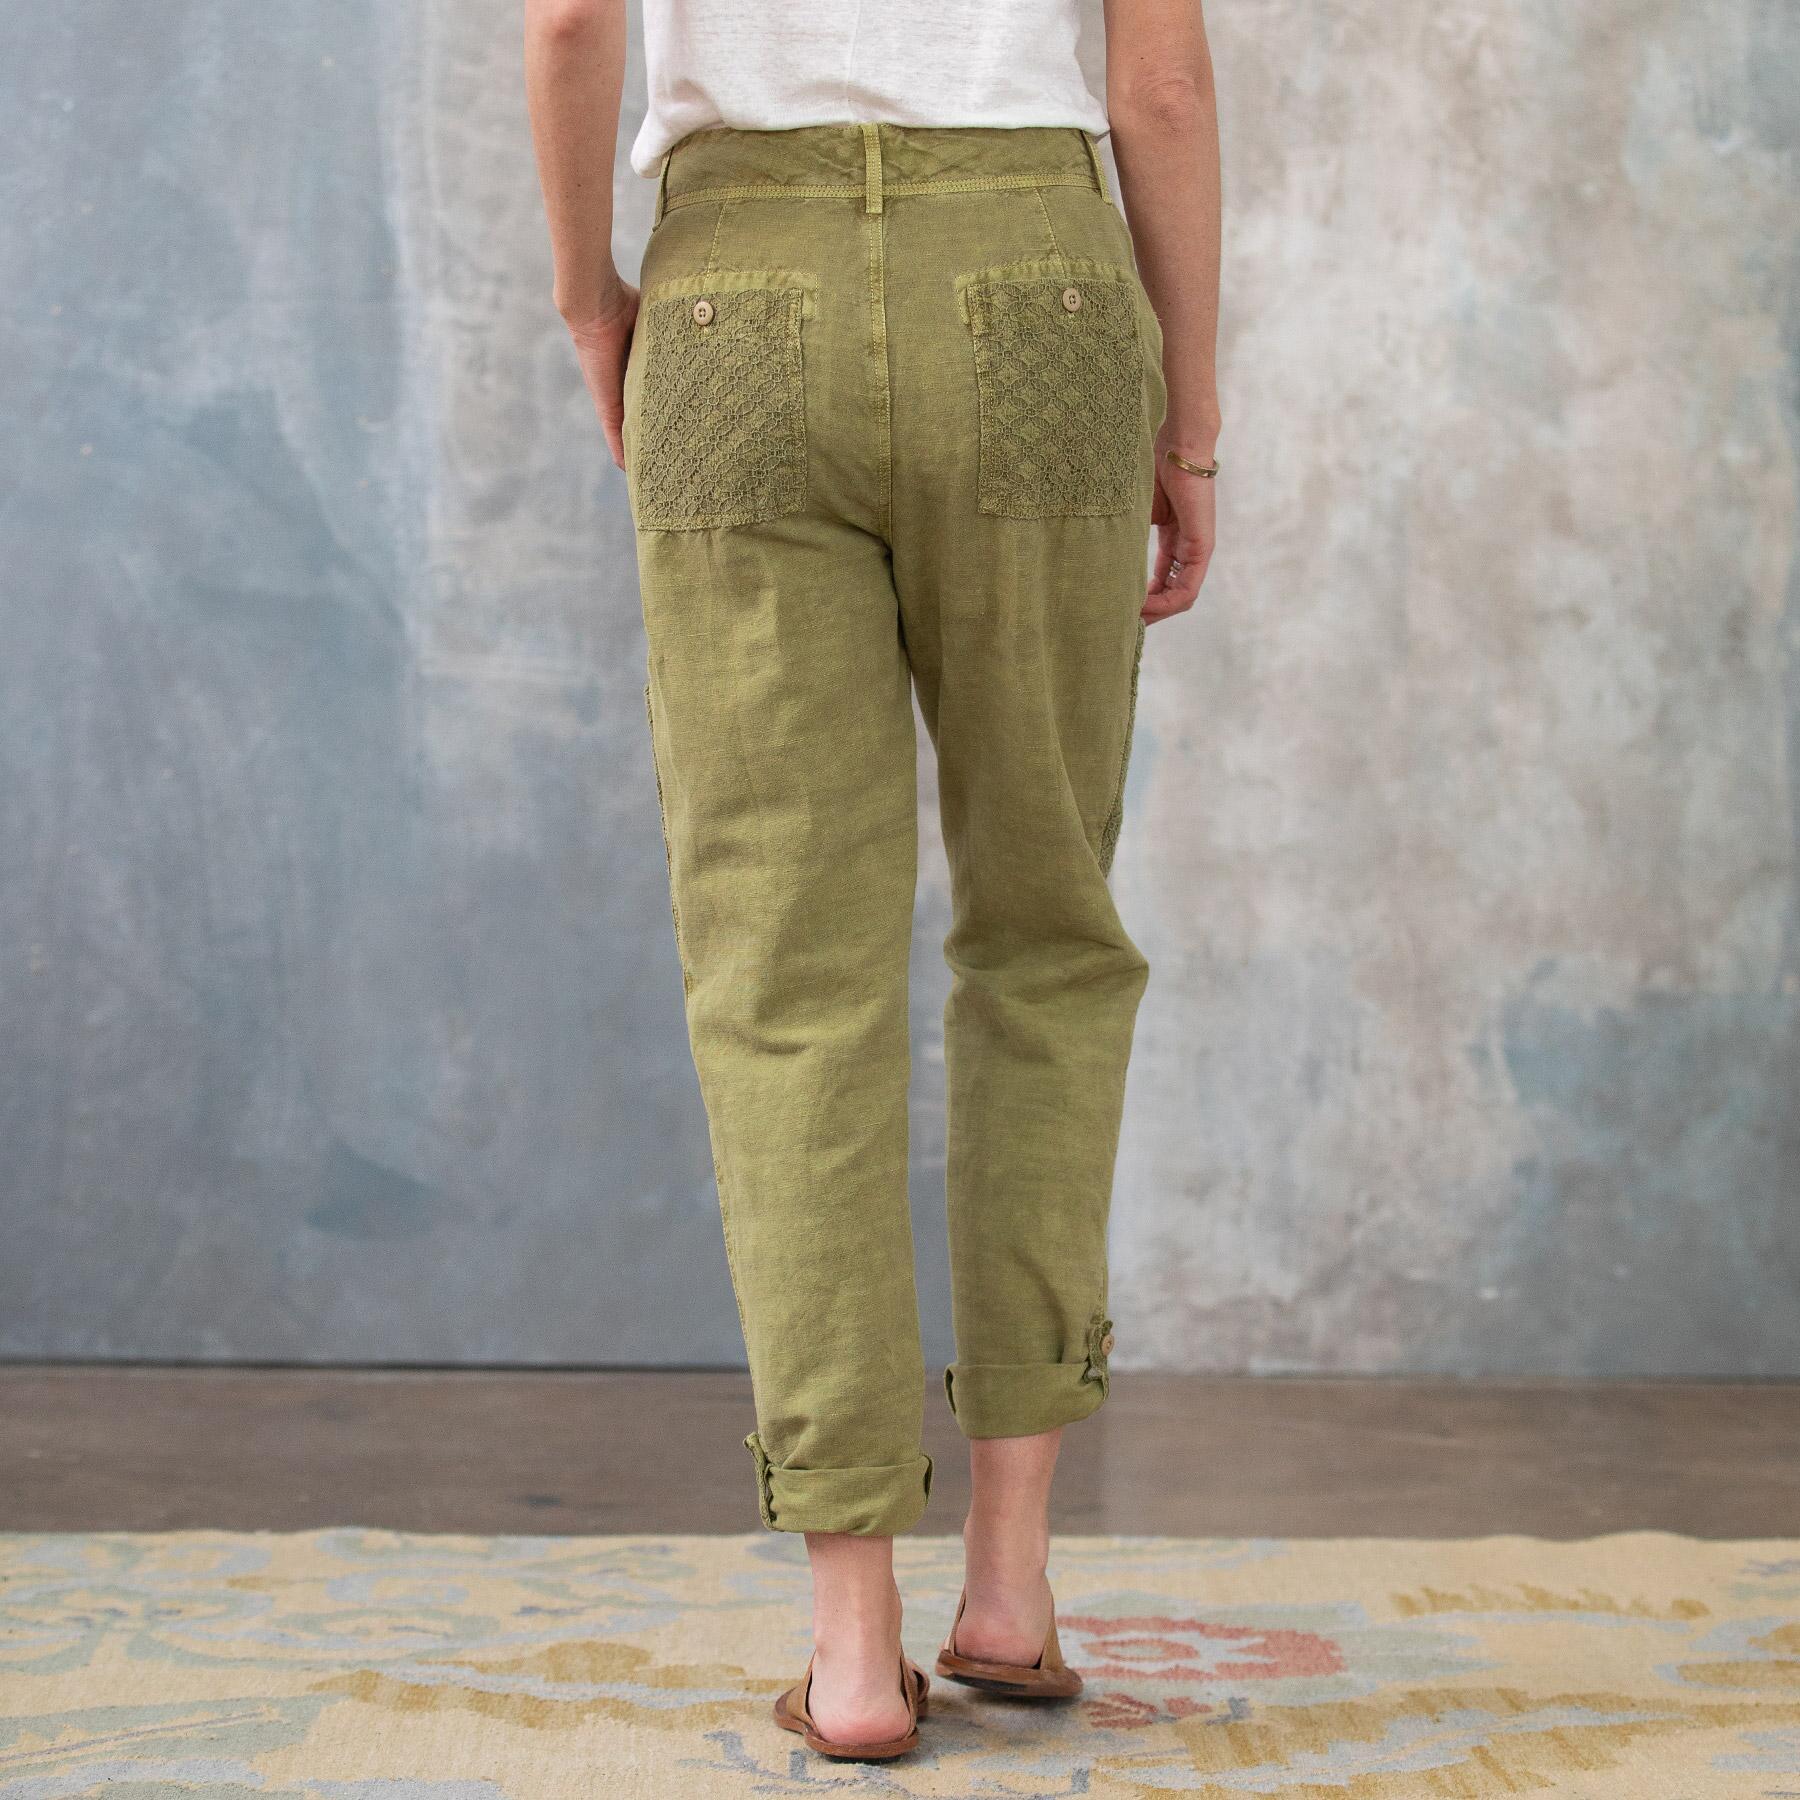 FEMME VOYAGER PANTS - PETITES: View 3